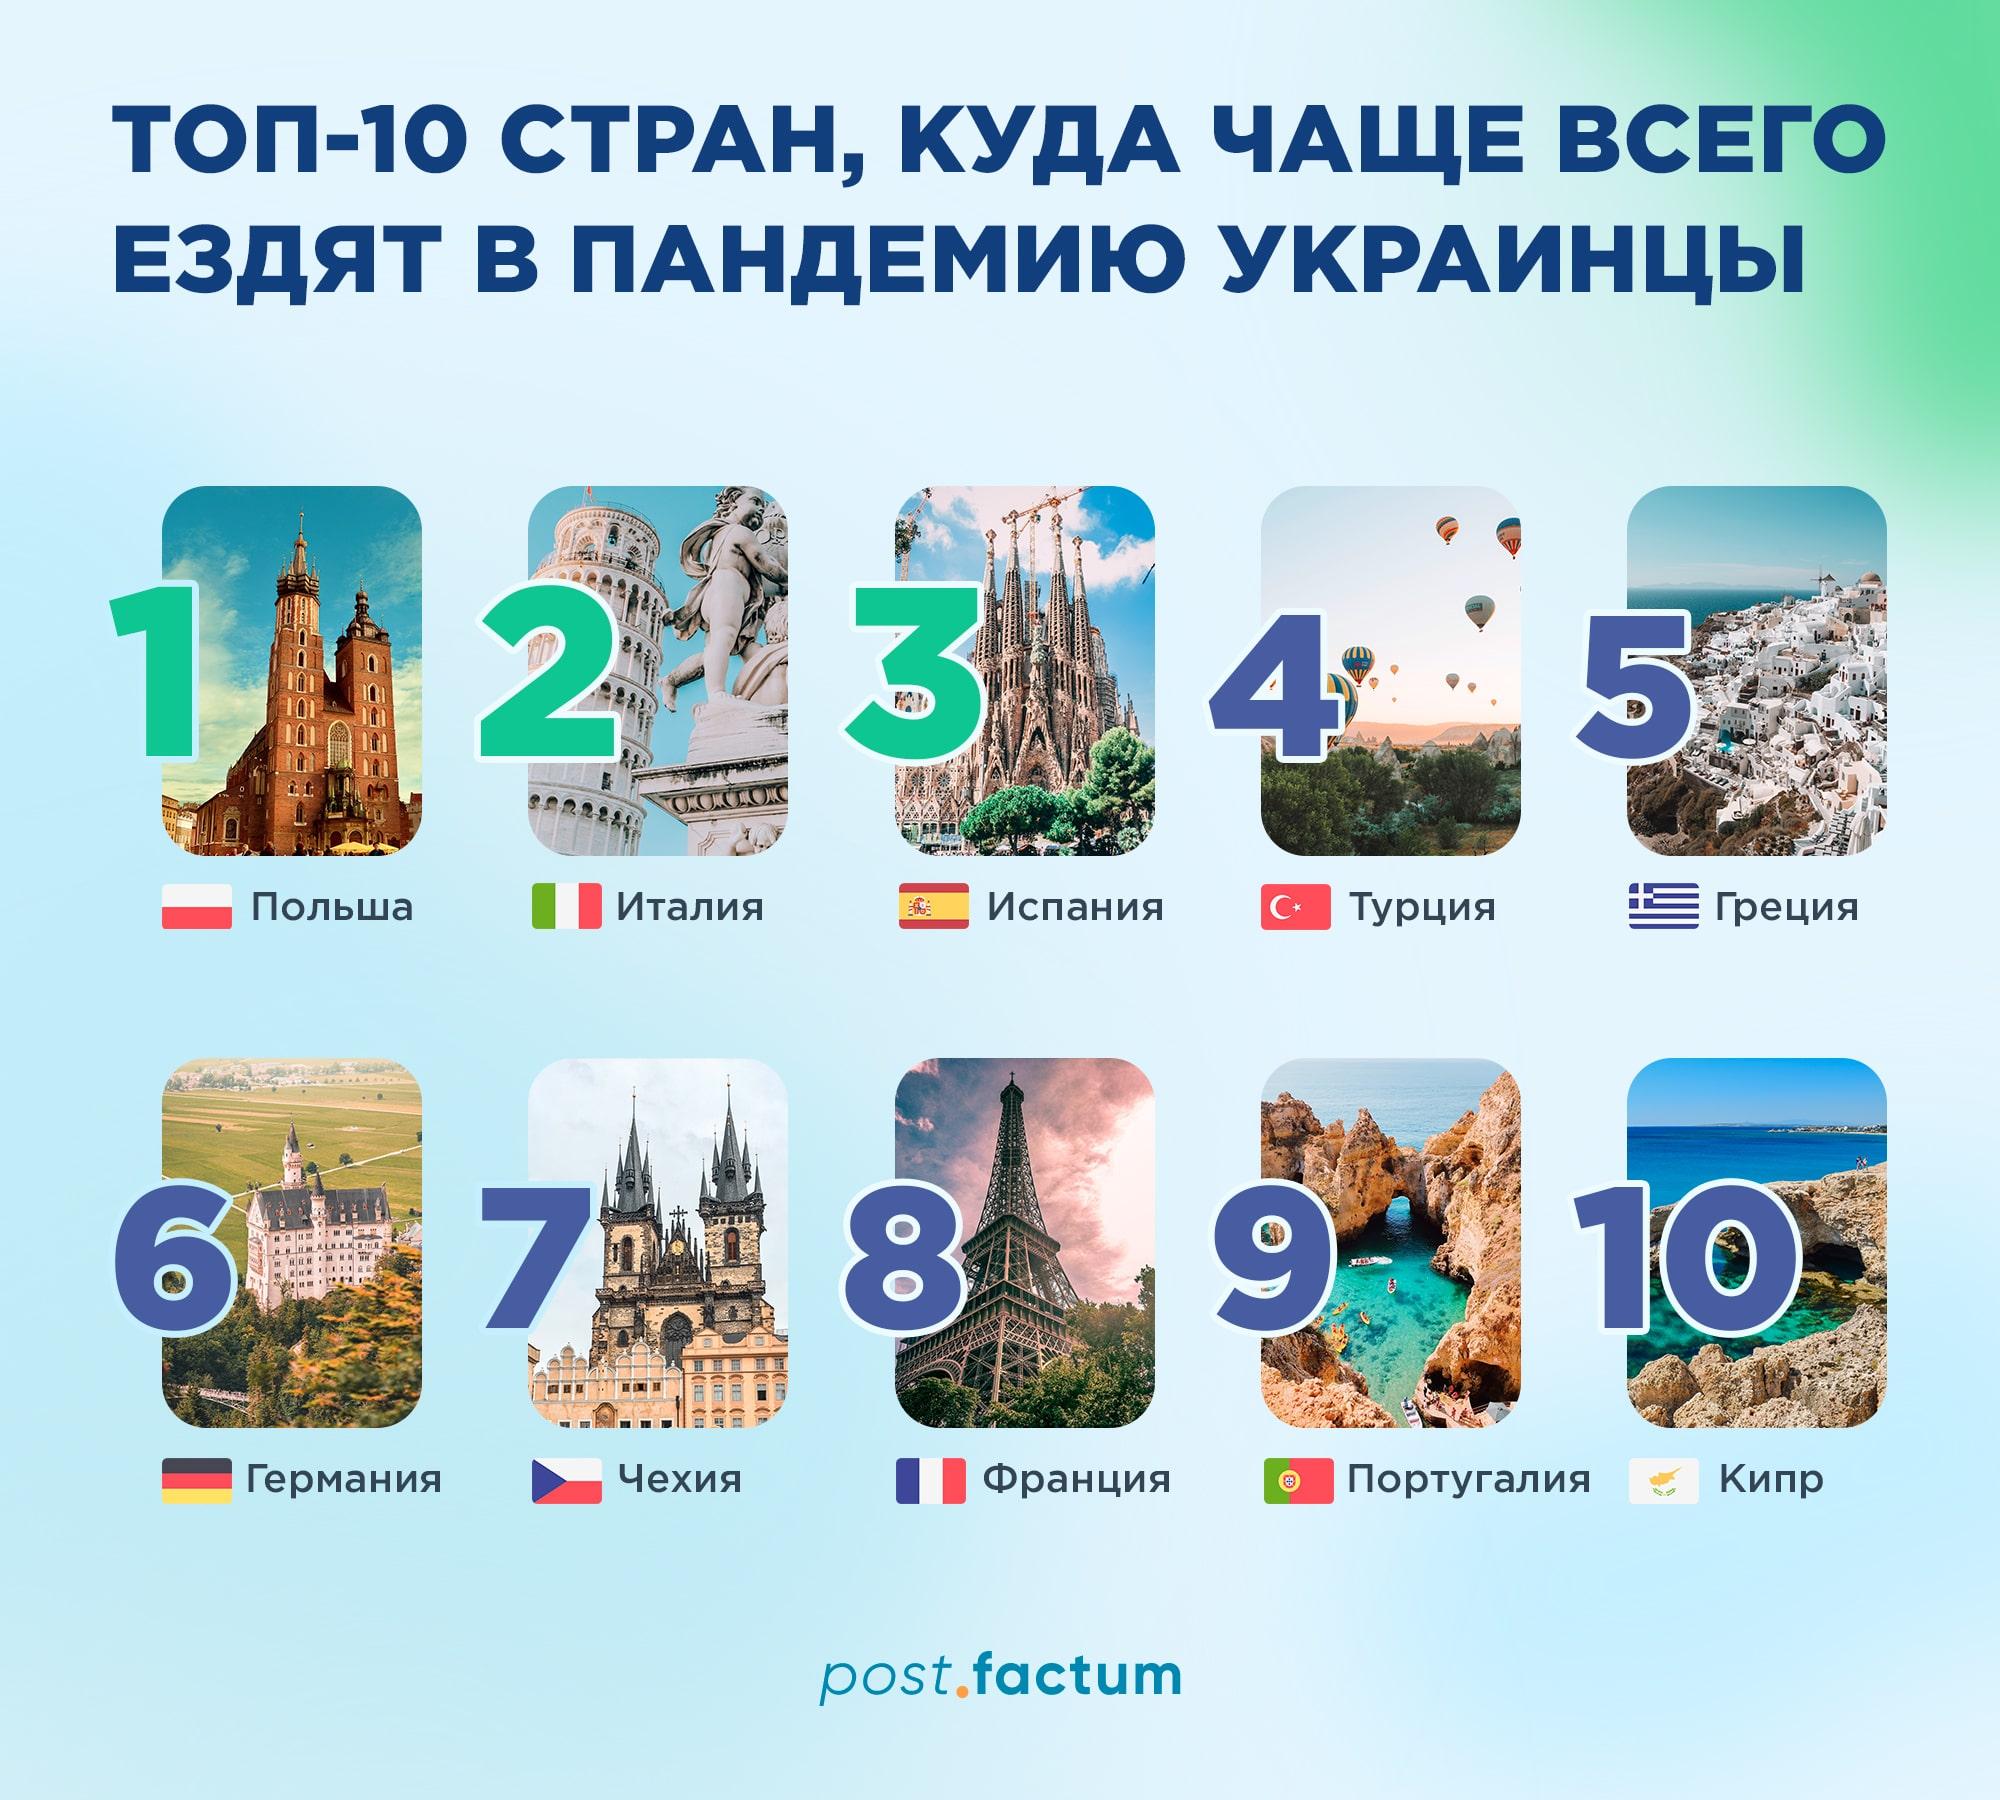 Инфографика: какие страны украинцы желают посетить во время пандемии чаще всего — фото 1